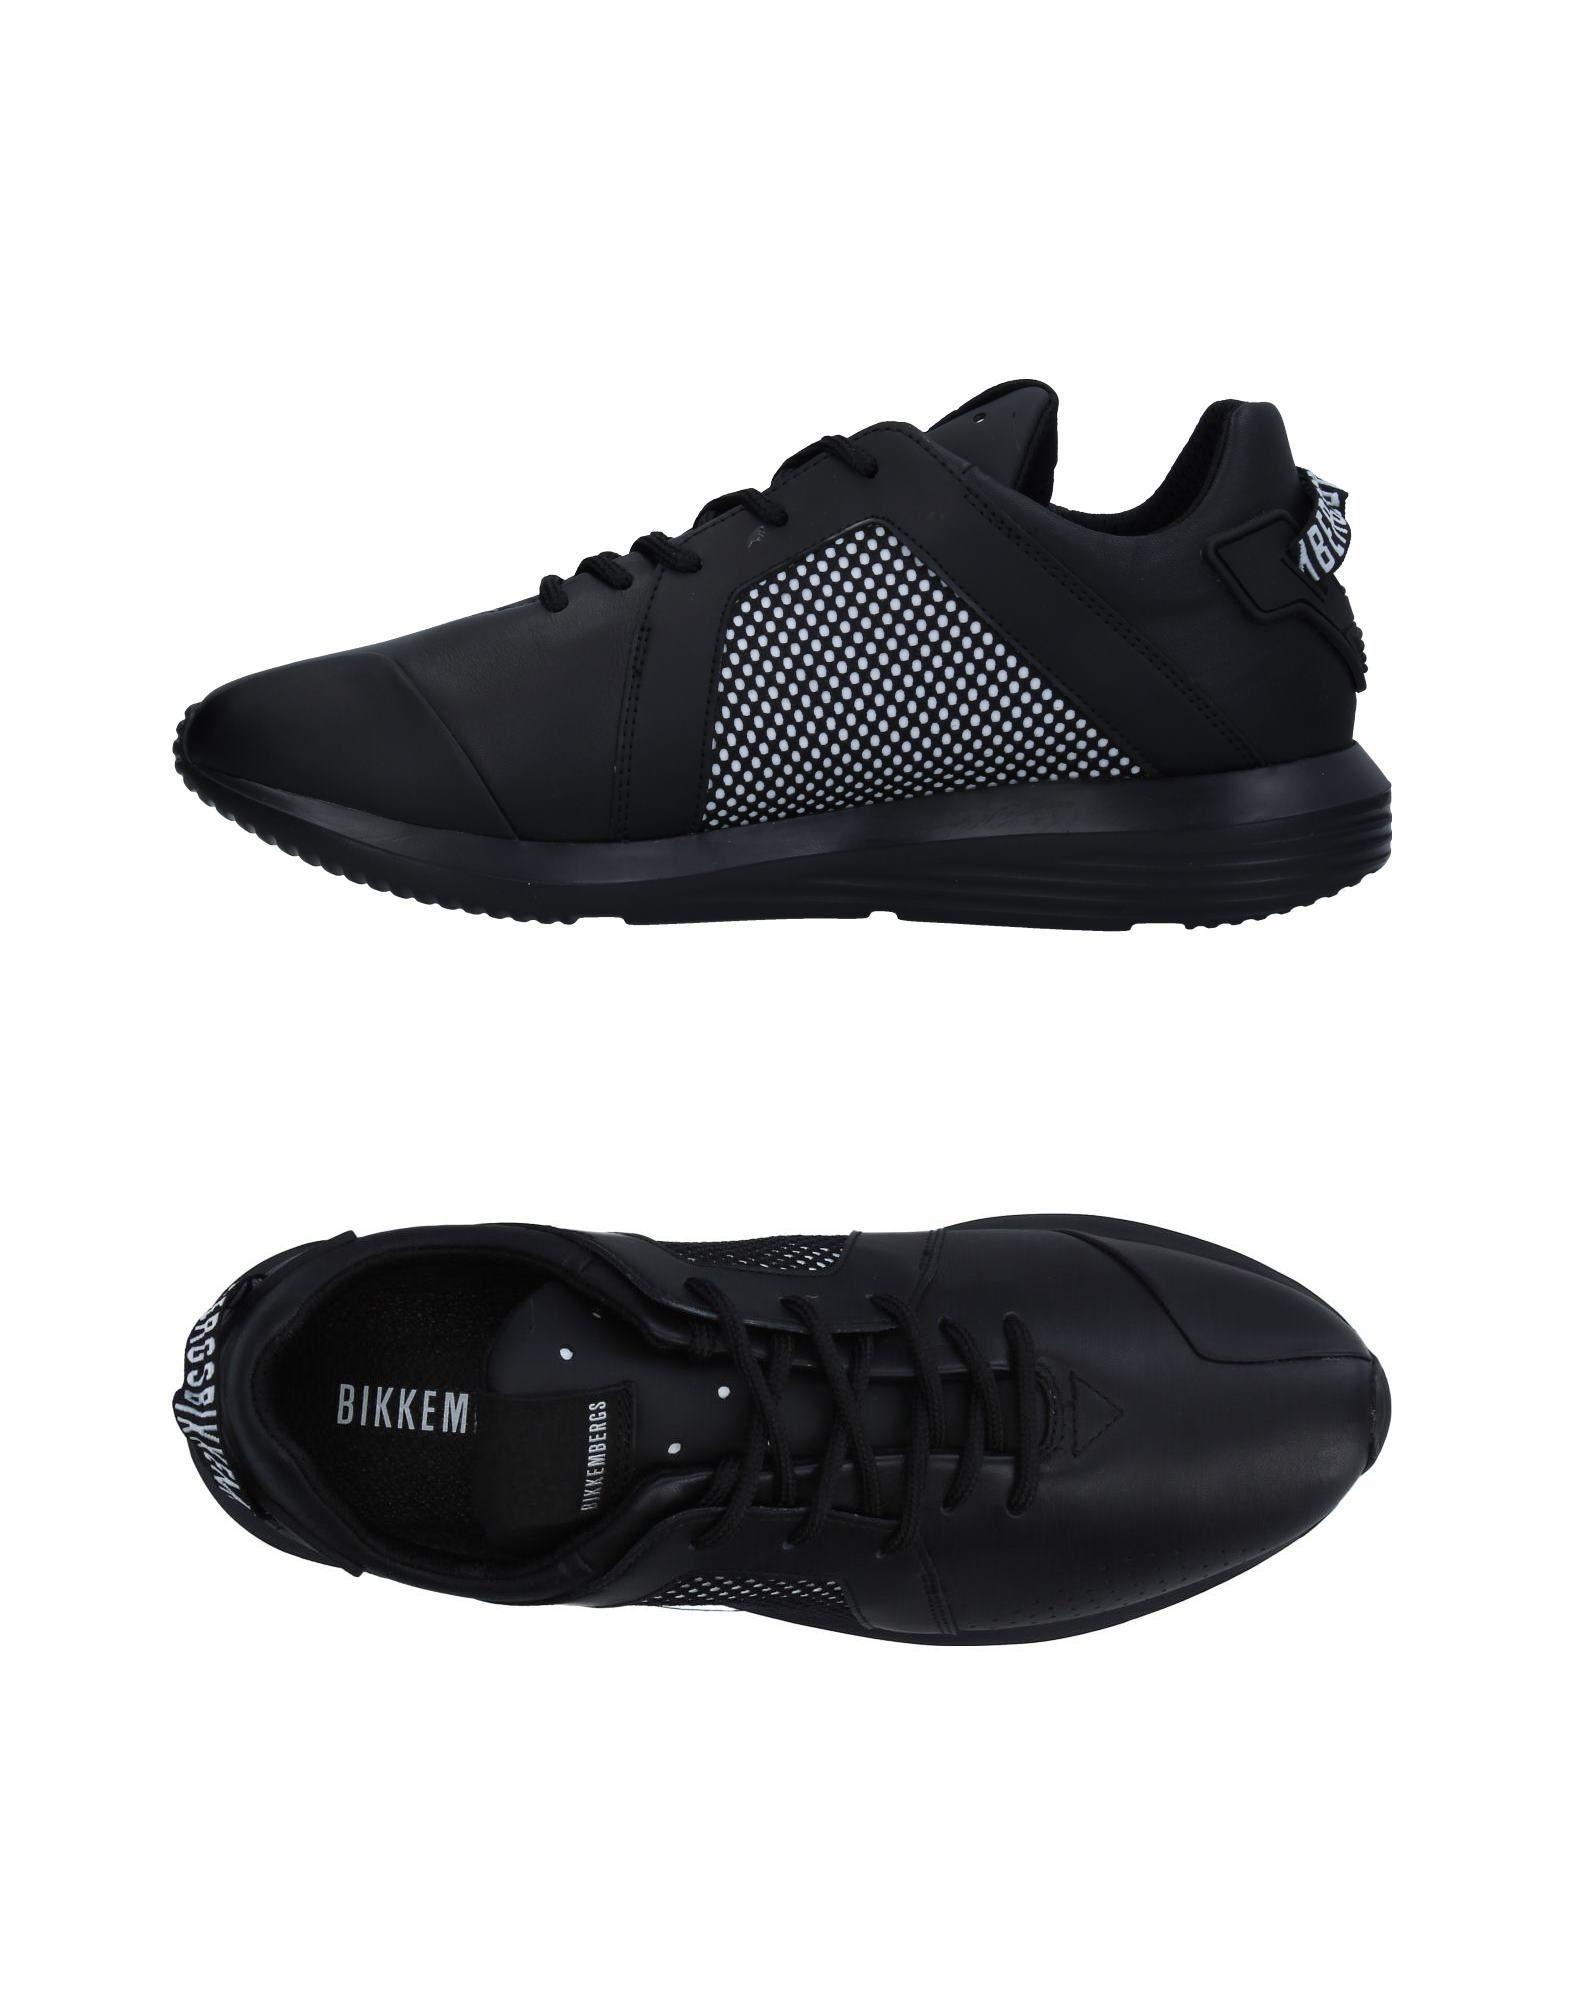 Bikkembergs Sneakers Herren  11332394XQ Gute Qualität beliebte Schuhe